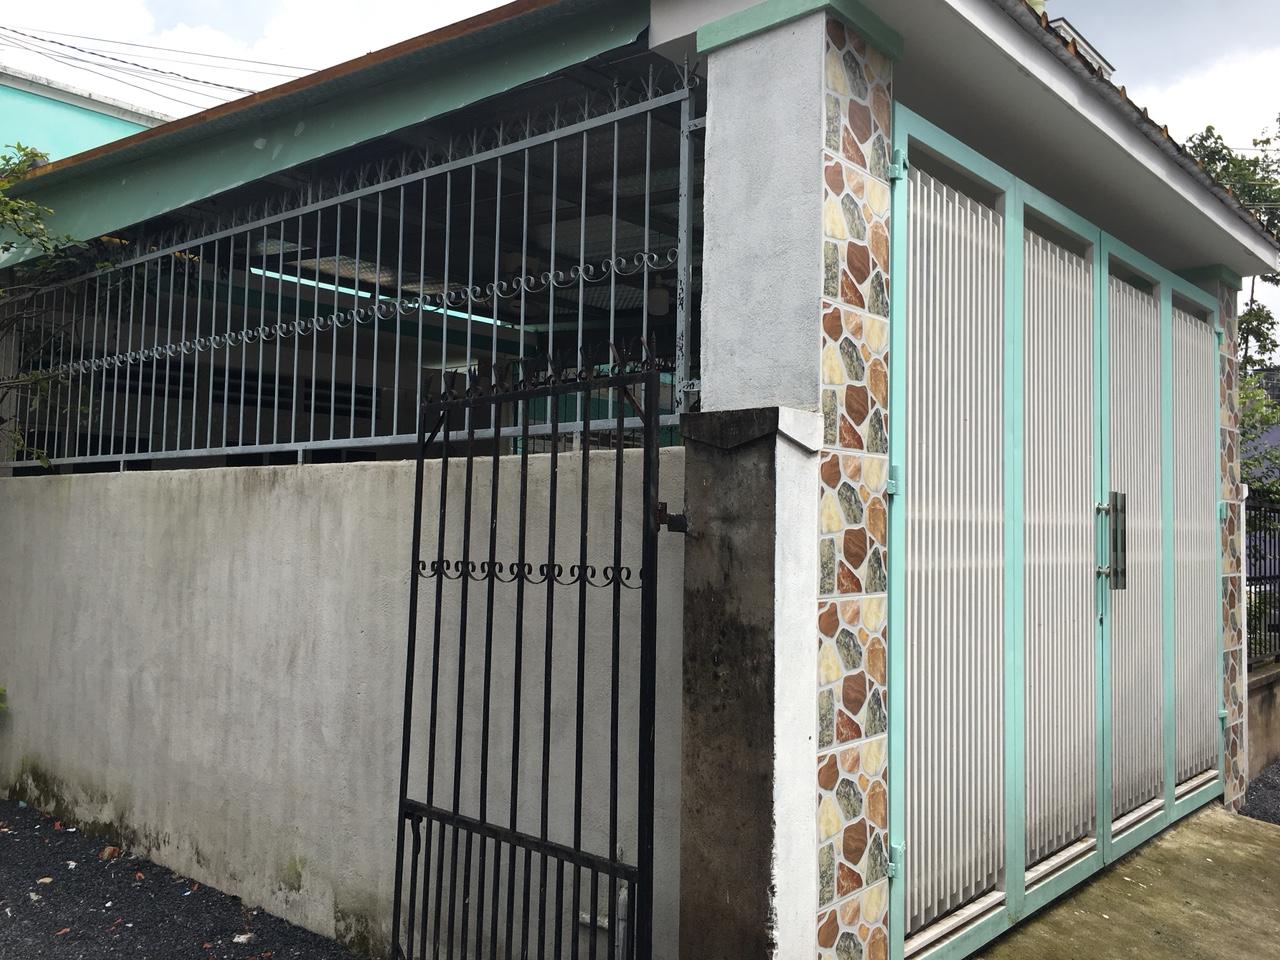 bán nhà cấp 4 gần ngã 3 cây lơn, gần làng đại học quốc gia HCM thuộc phường đông hòa dĩ an